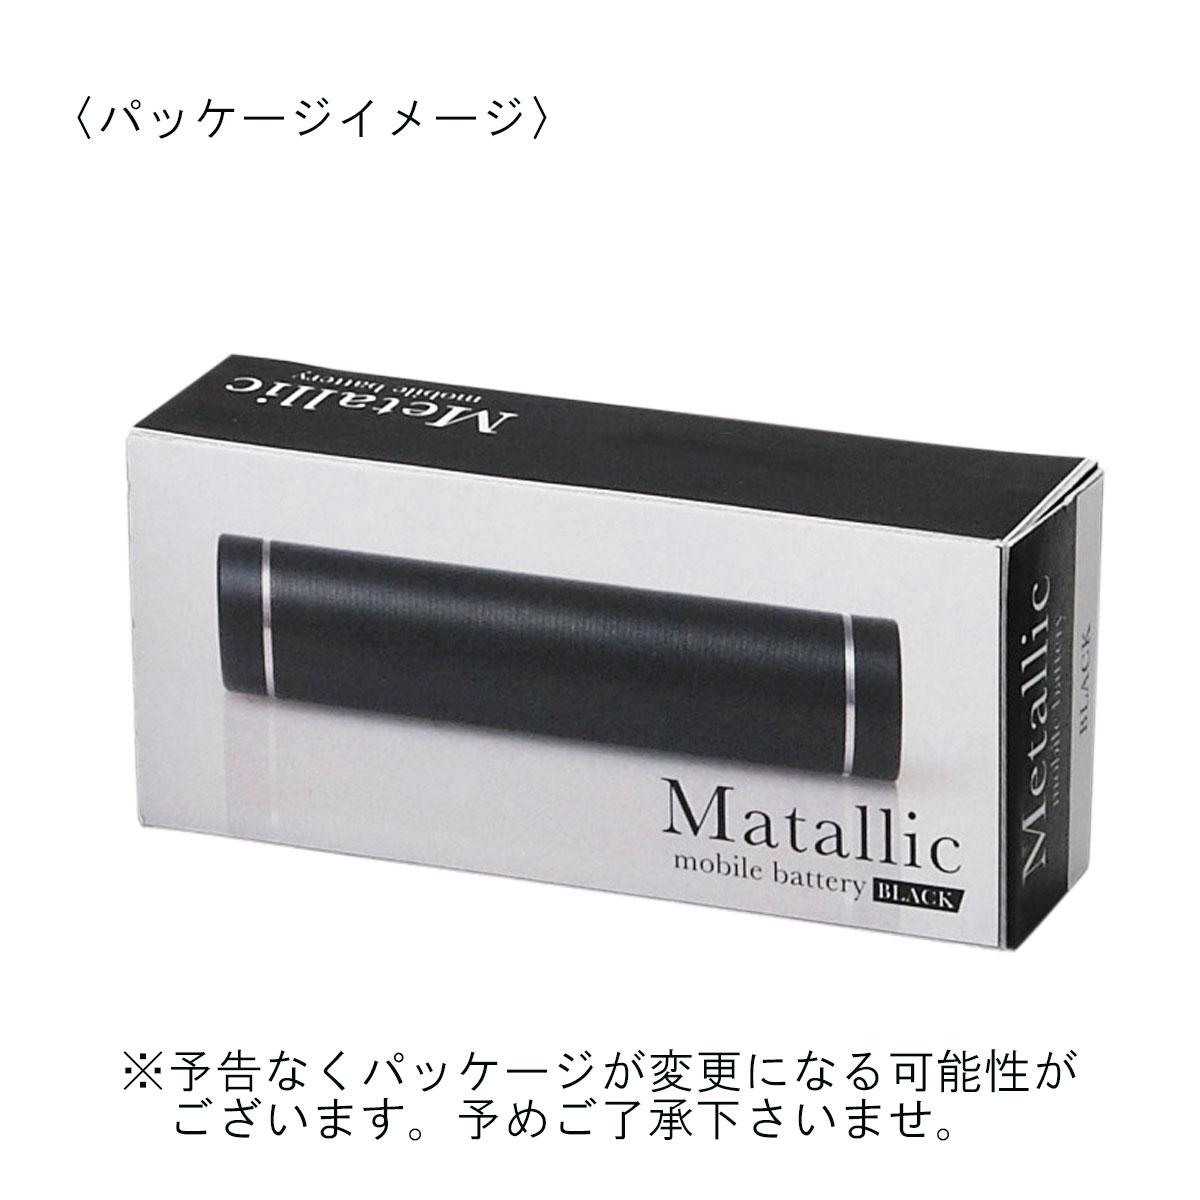 メタリックモバイルバッテリー 2100mAh